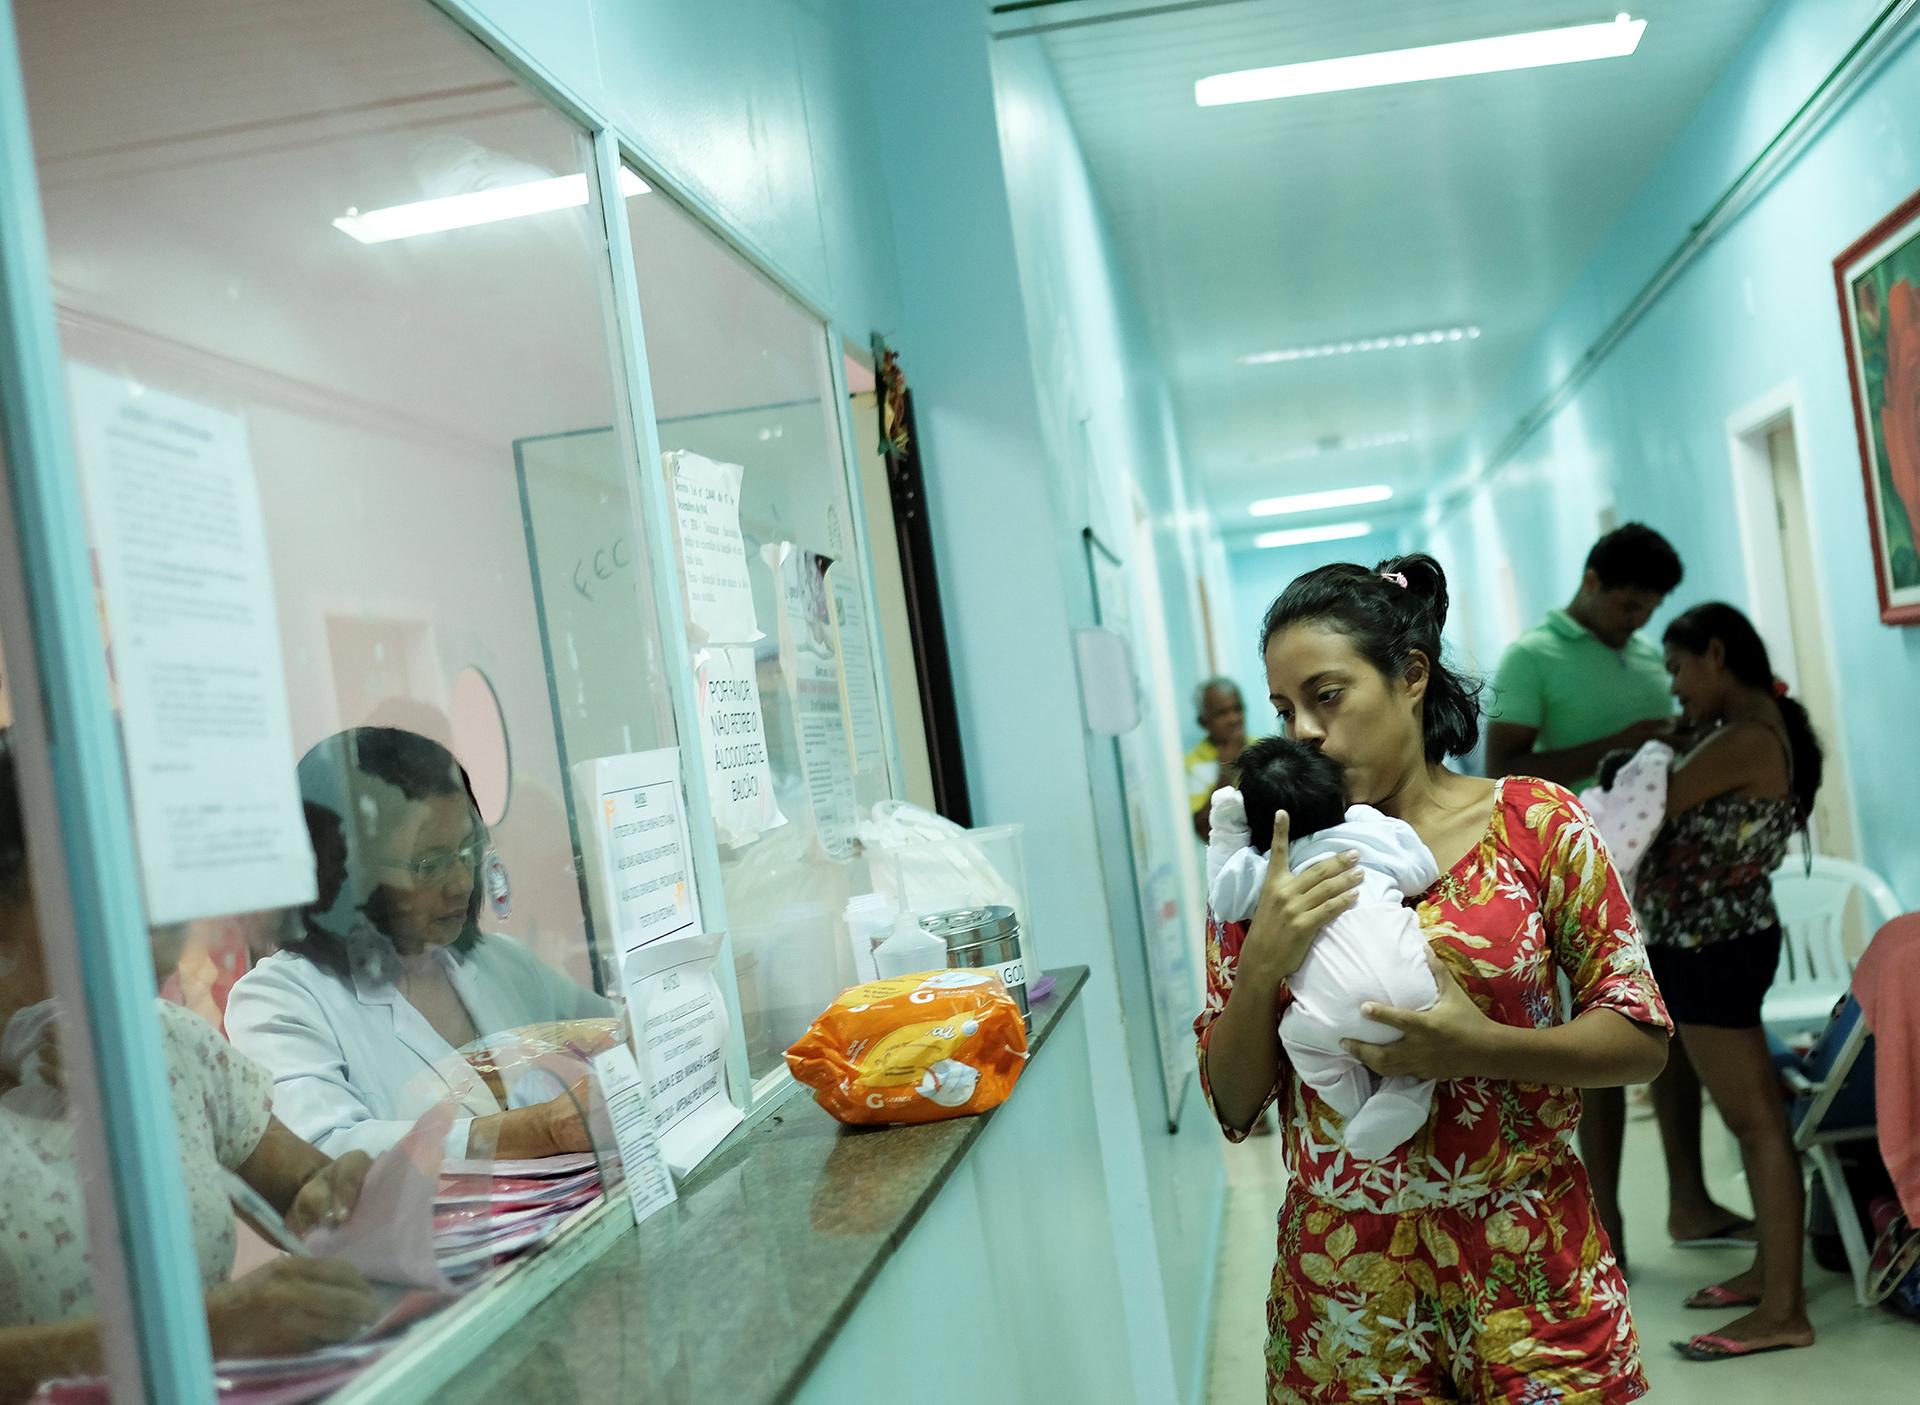 La mayoría de los llegados a Boa Vista dijeron que no tienen la intención de regresar a Venezuela, a menos que las condiciones mejoren (REUTERS)